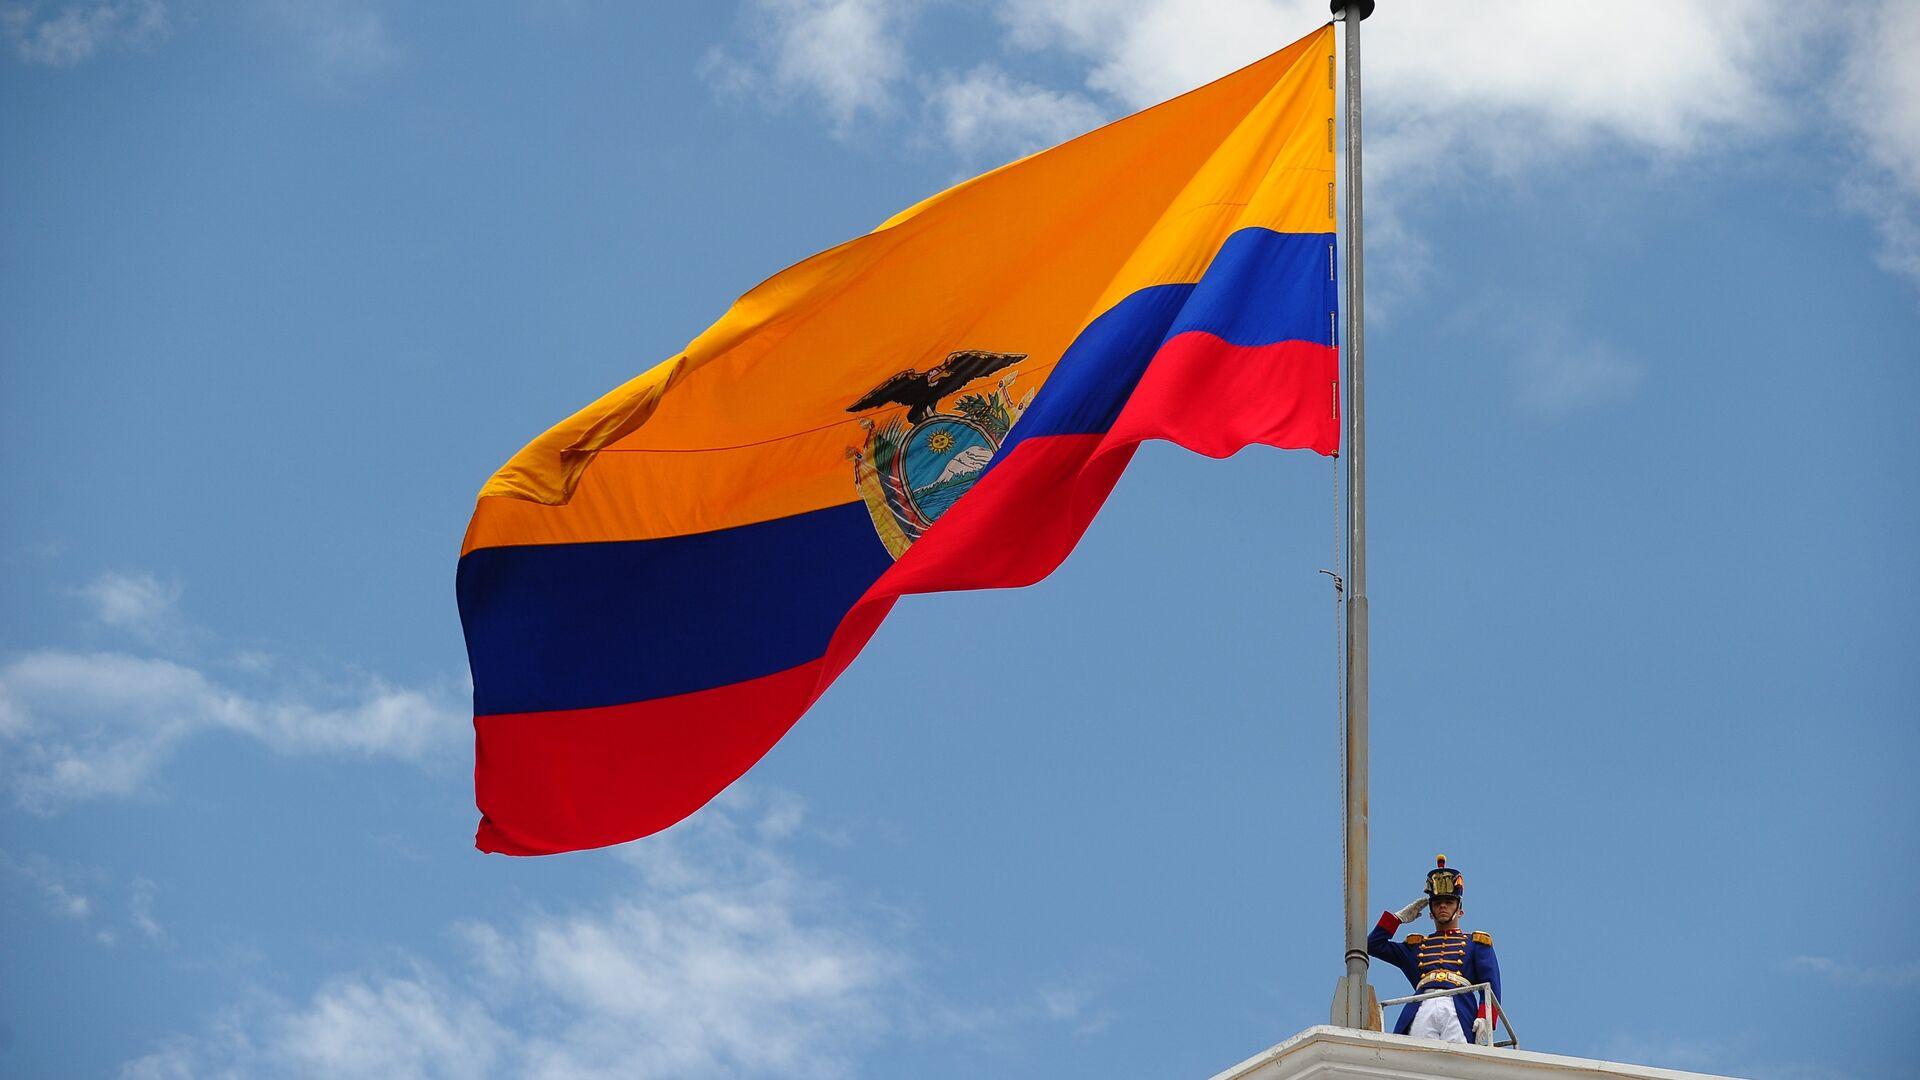 Bandera de Ecuador - Sputnik Mundo, 1920, 06.04.2021